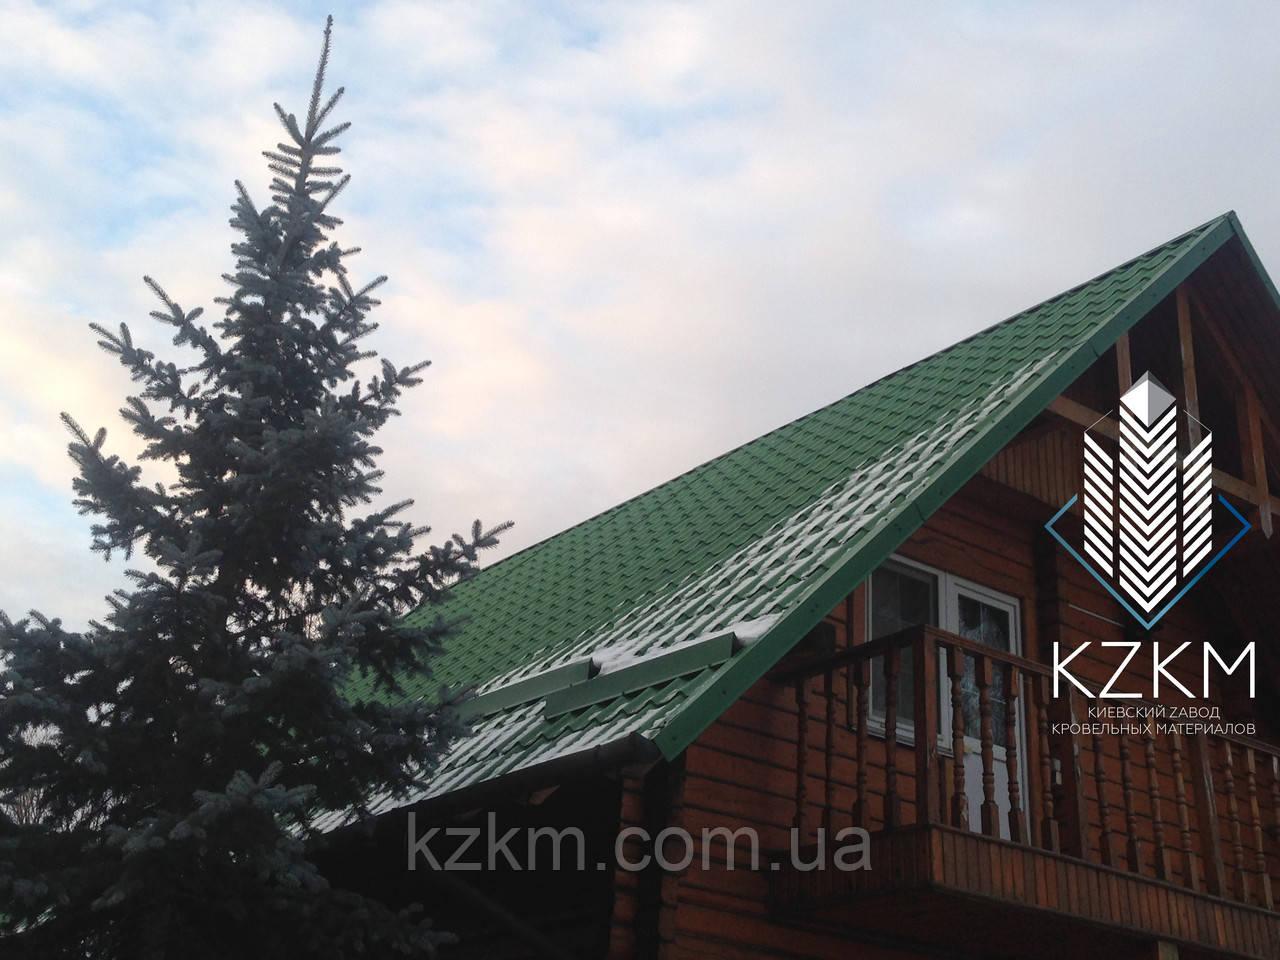 Снегобарьеры, снегоупоры купить, снегозадержатель в Украине